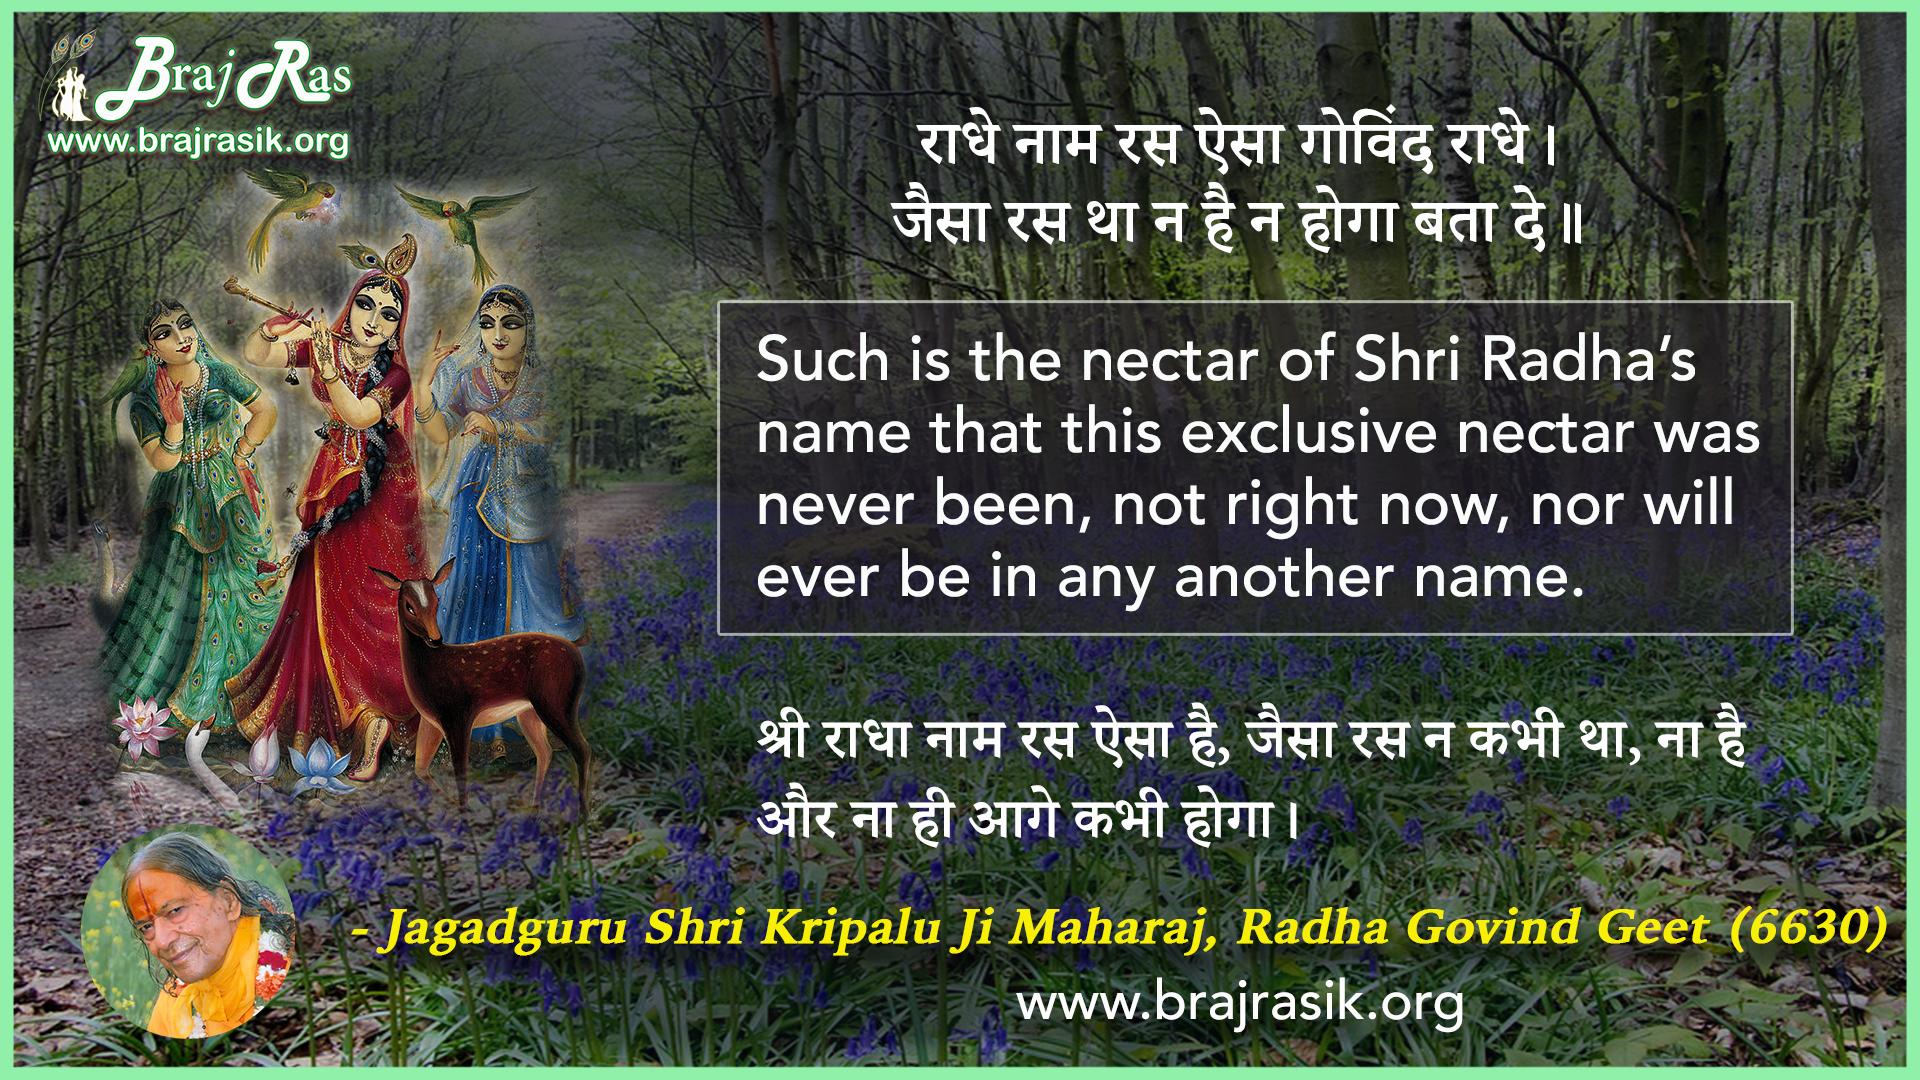 Radhe Naam Ras Aisa Govind Radhe - Jagadguru Shri Kripalu Ji Maharaj, Radha Govind Geet (6630)